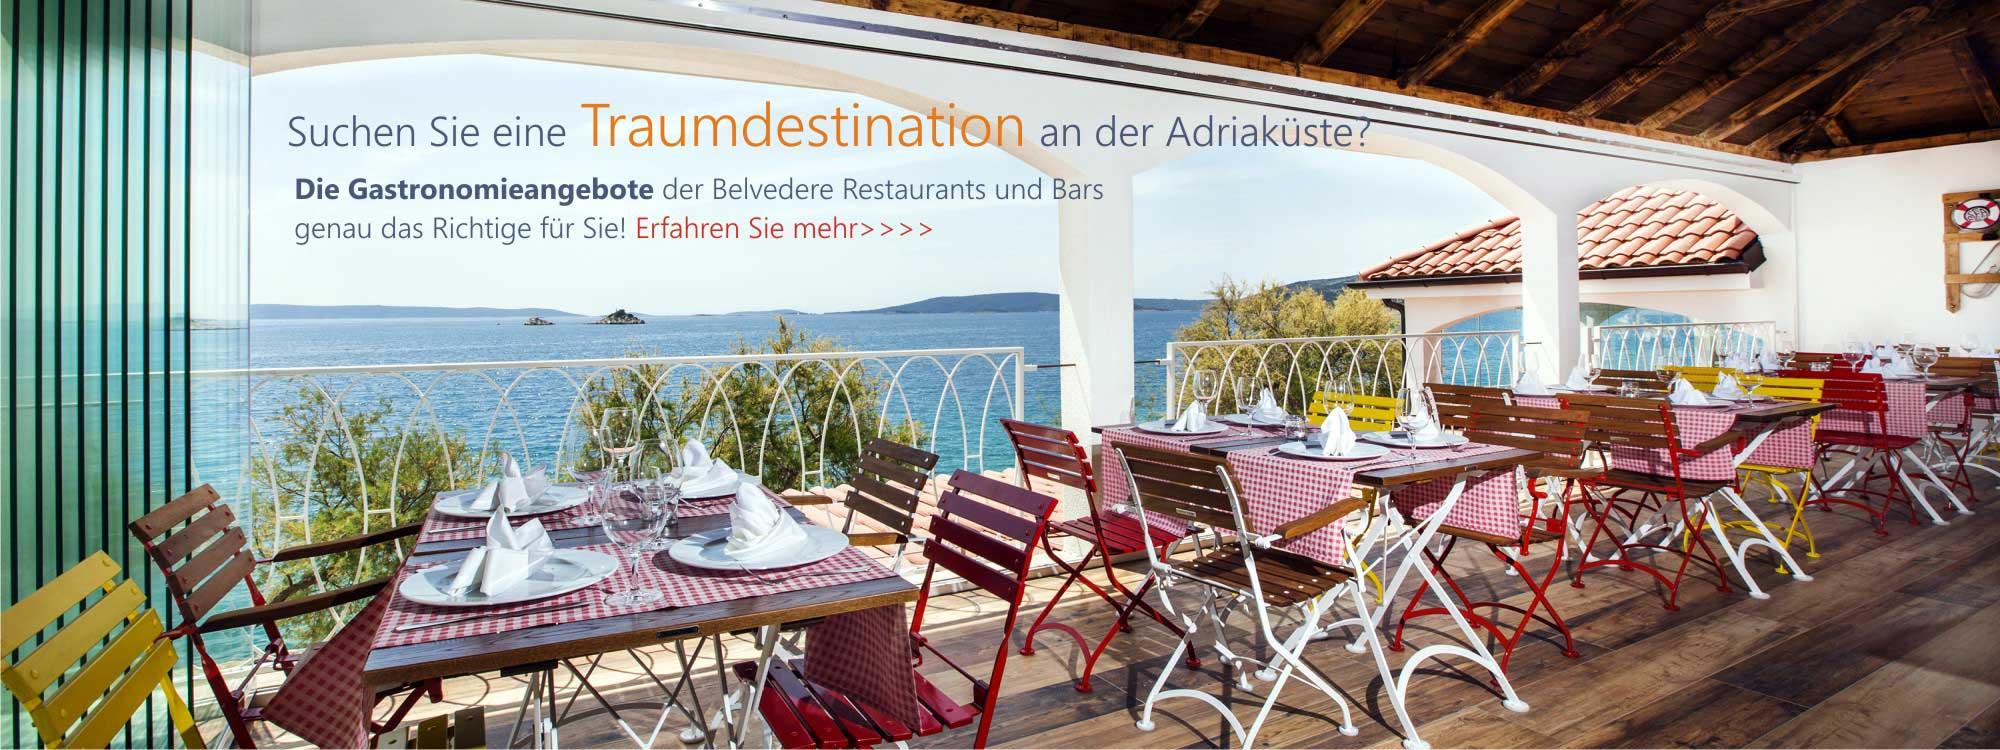 Belvedere_gastronomieangebo